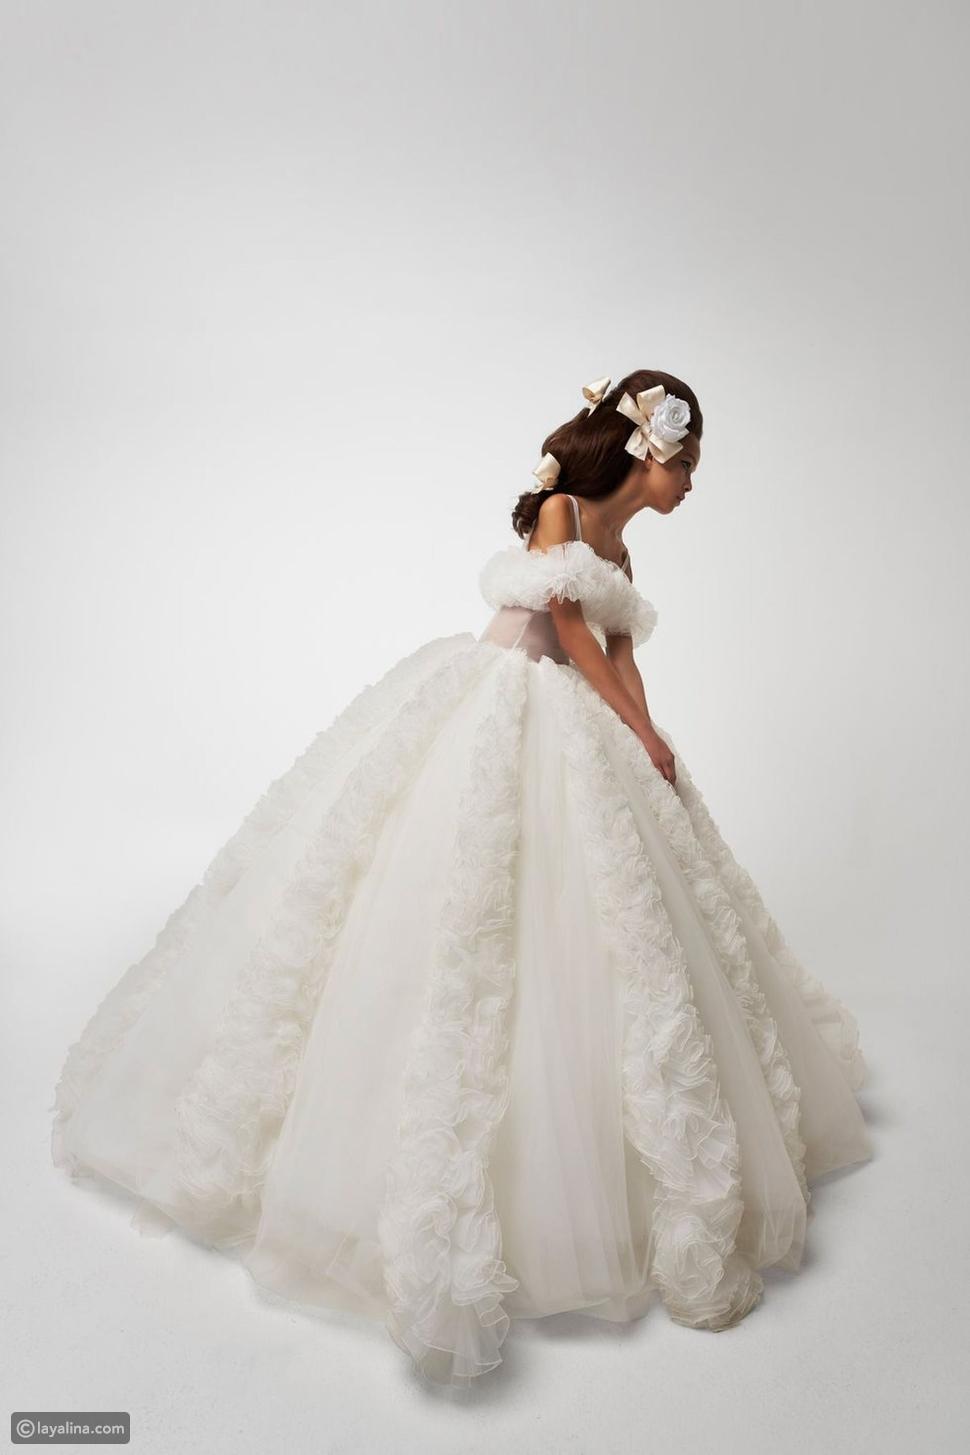 فساتين زفاف مثيرة للإعجاب من مجموعات هوت كوتور لربيع وصيف 2021